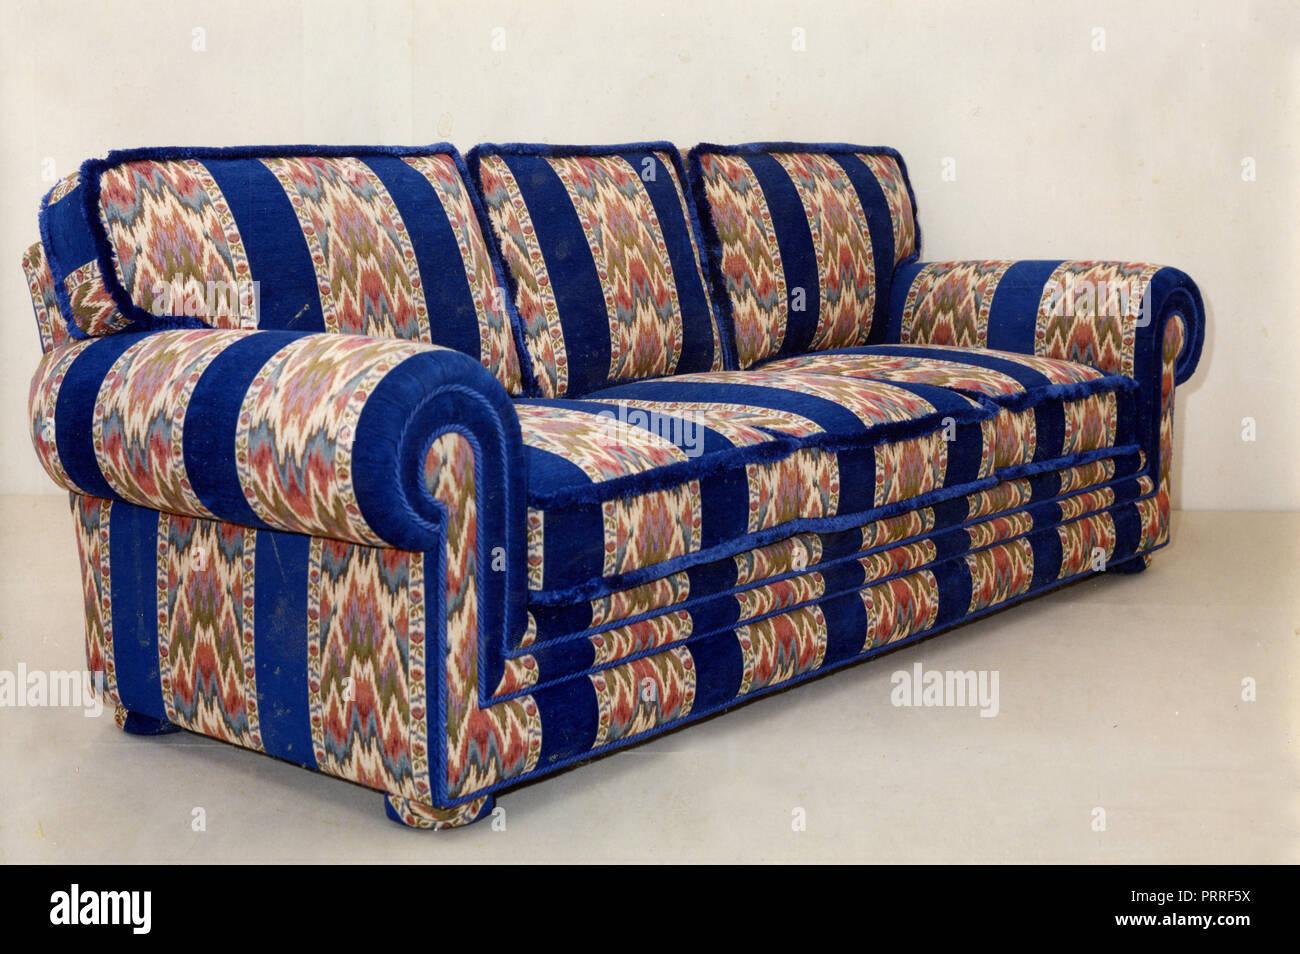 Sofa multicolor, 1990s - Stock Image